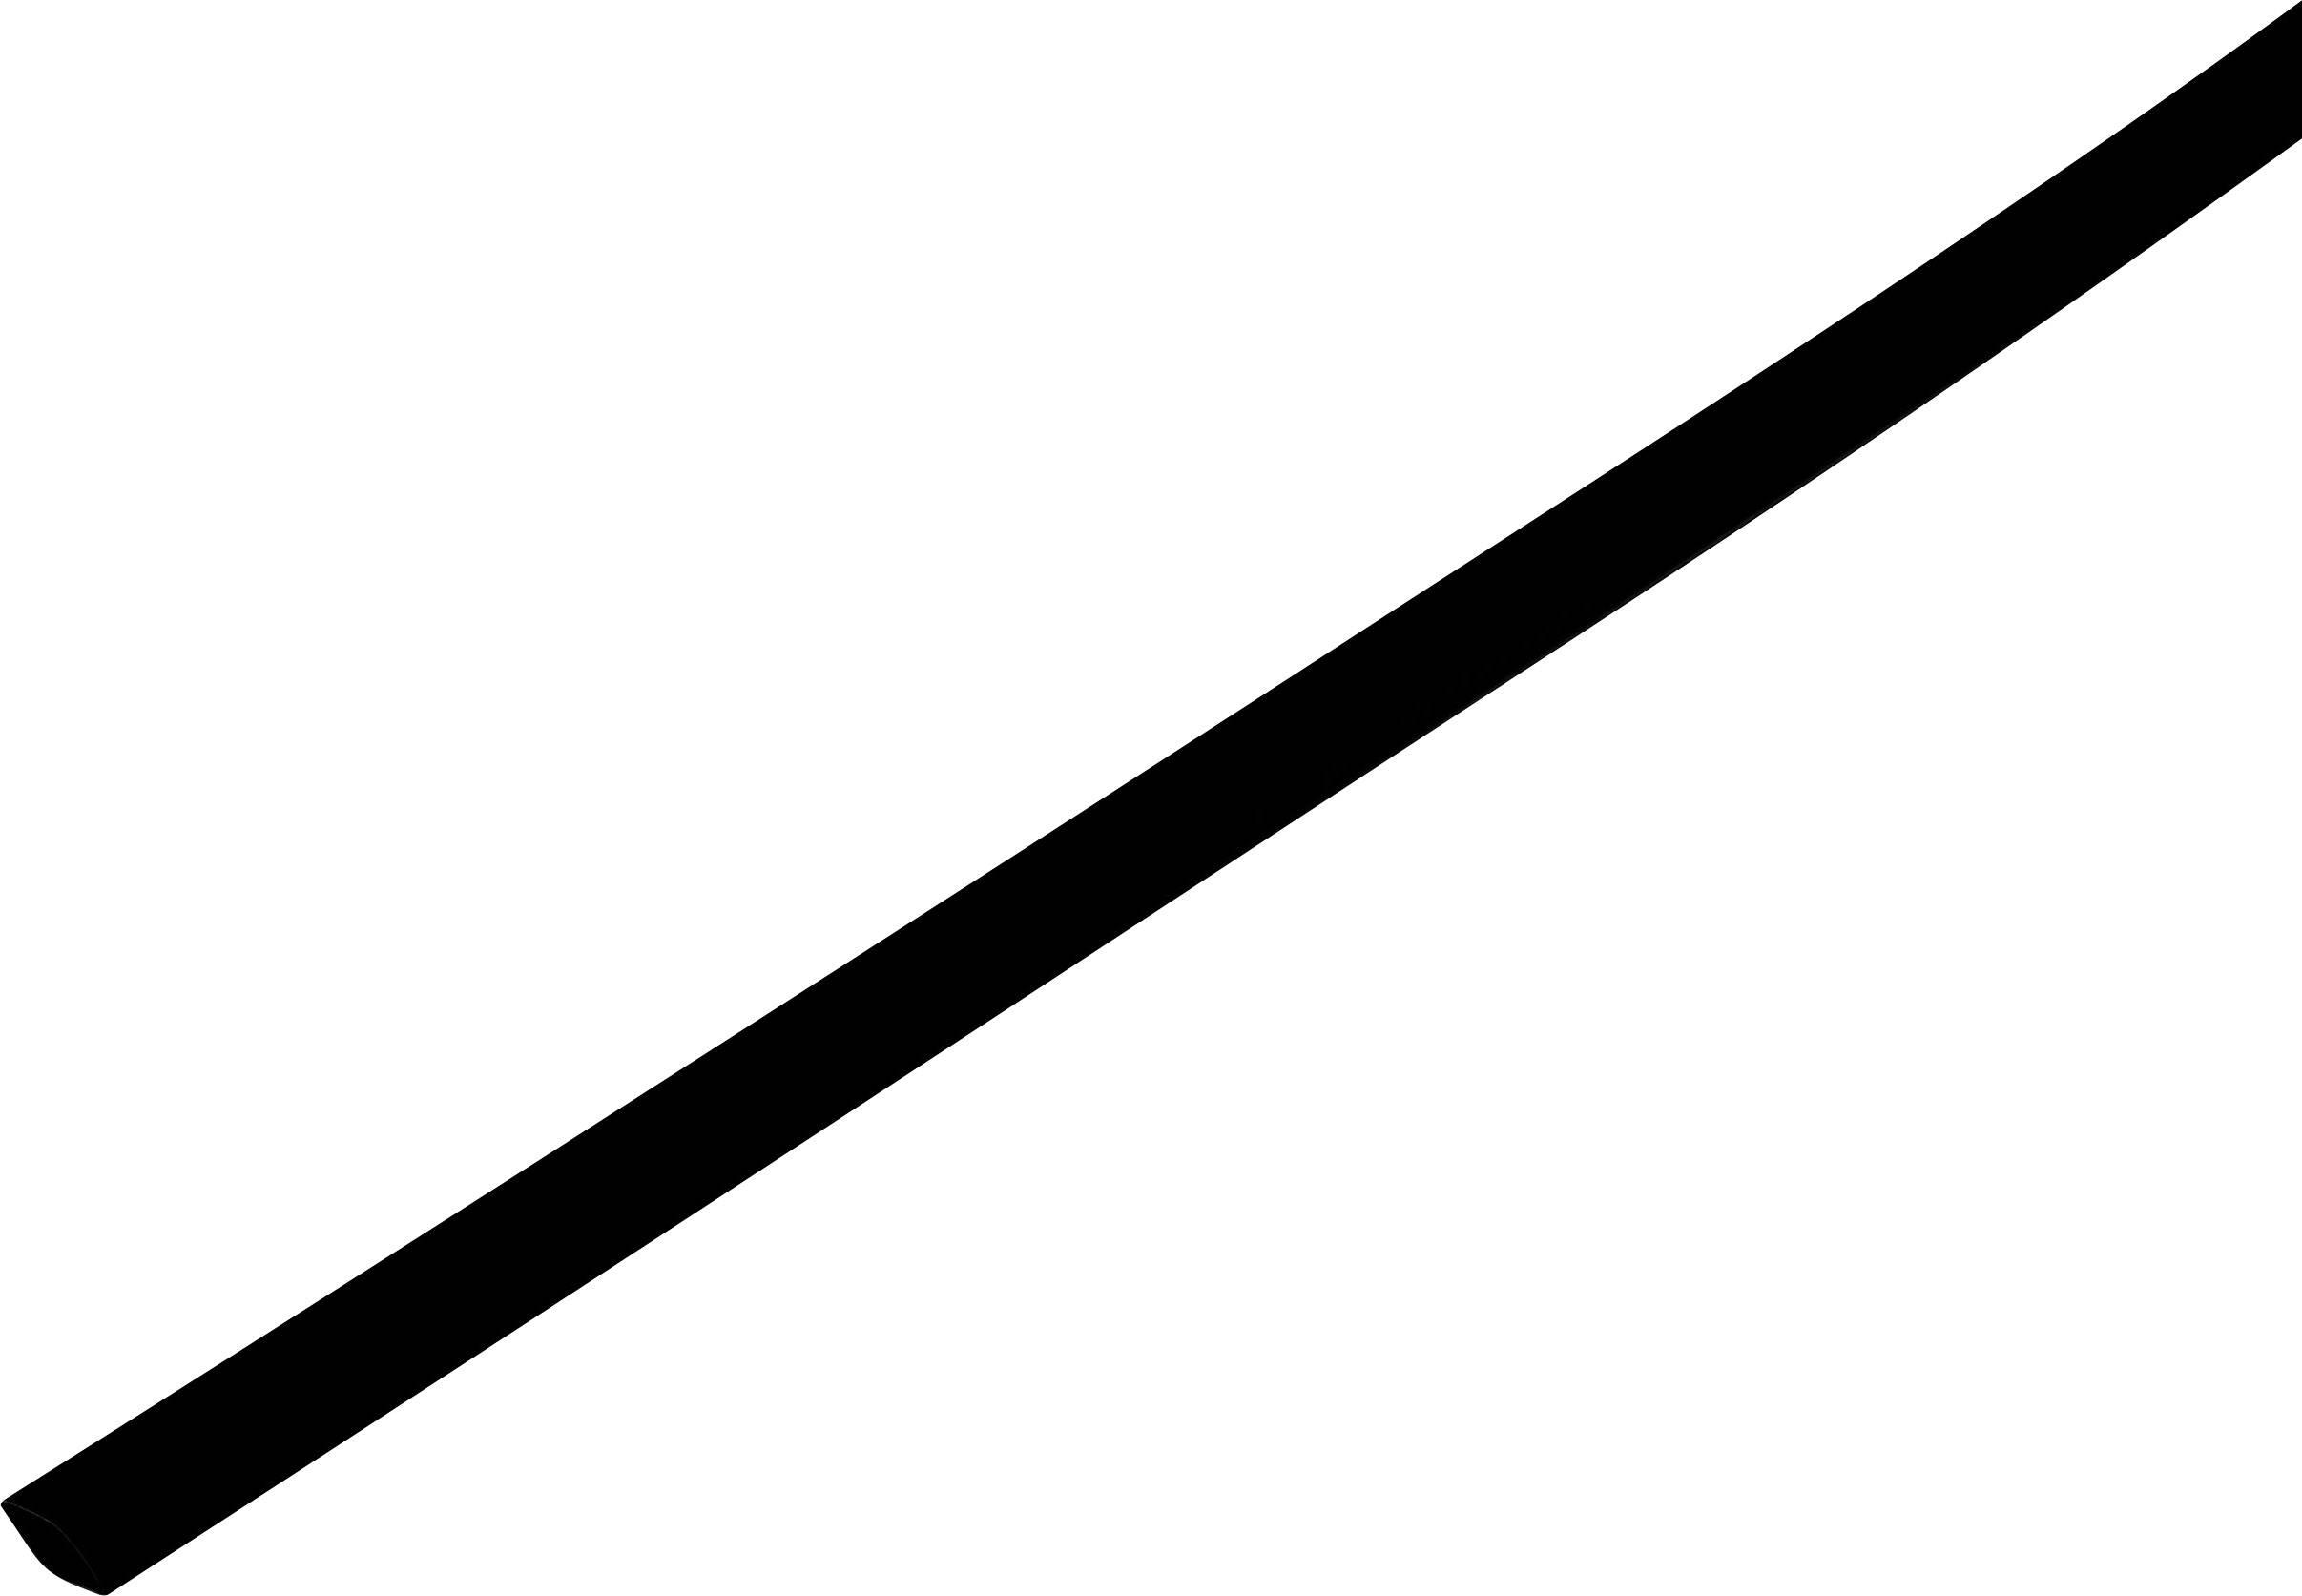 Zmršťovacie bužírky nelepiace TRU COMPONENTS 1225410, 2:1, 1 mm, čierna, metrový tovar